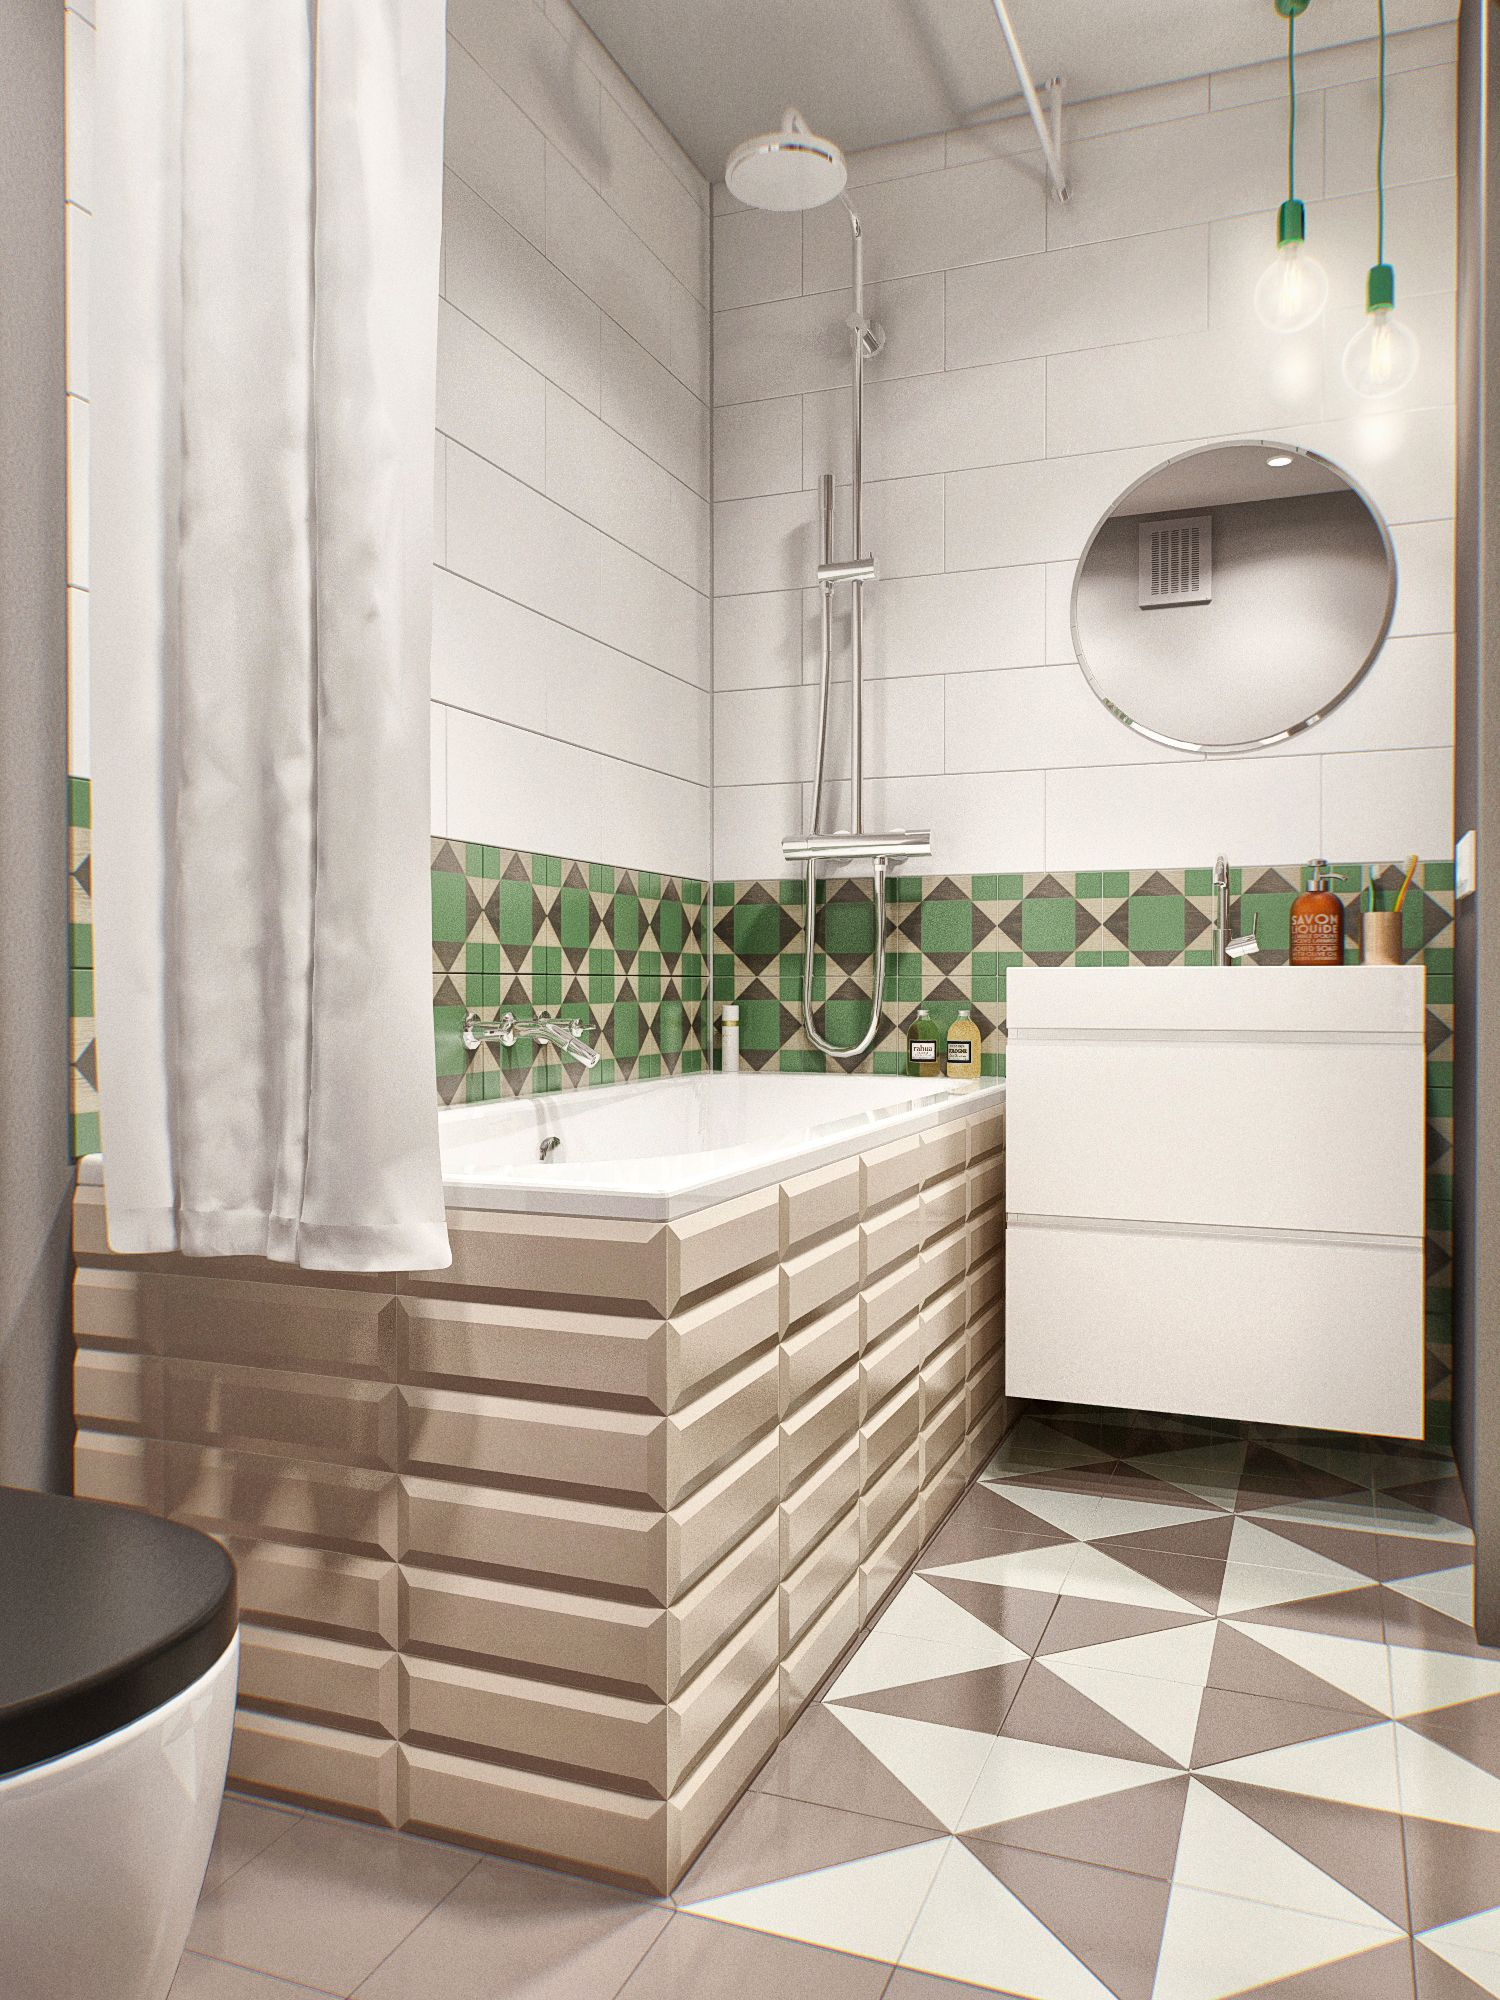 衛生間設計很有創意||-重庆打黑英雄,瓷磚的鋪貼方便主人的擦拭_|193大赢家彩票,很好的用簾子做了幹濕分離